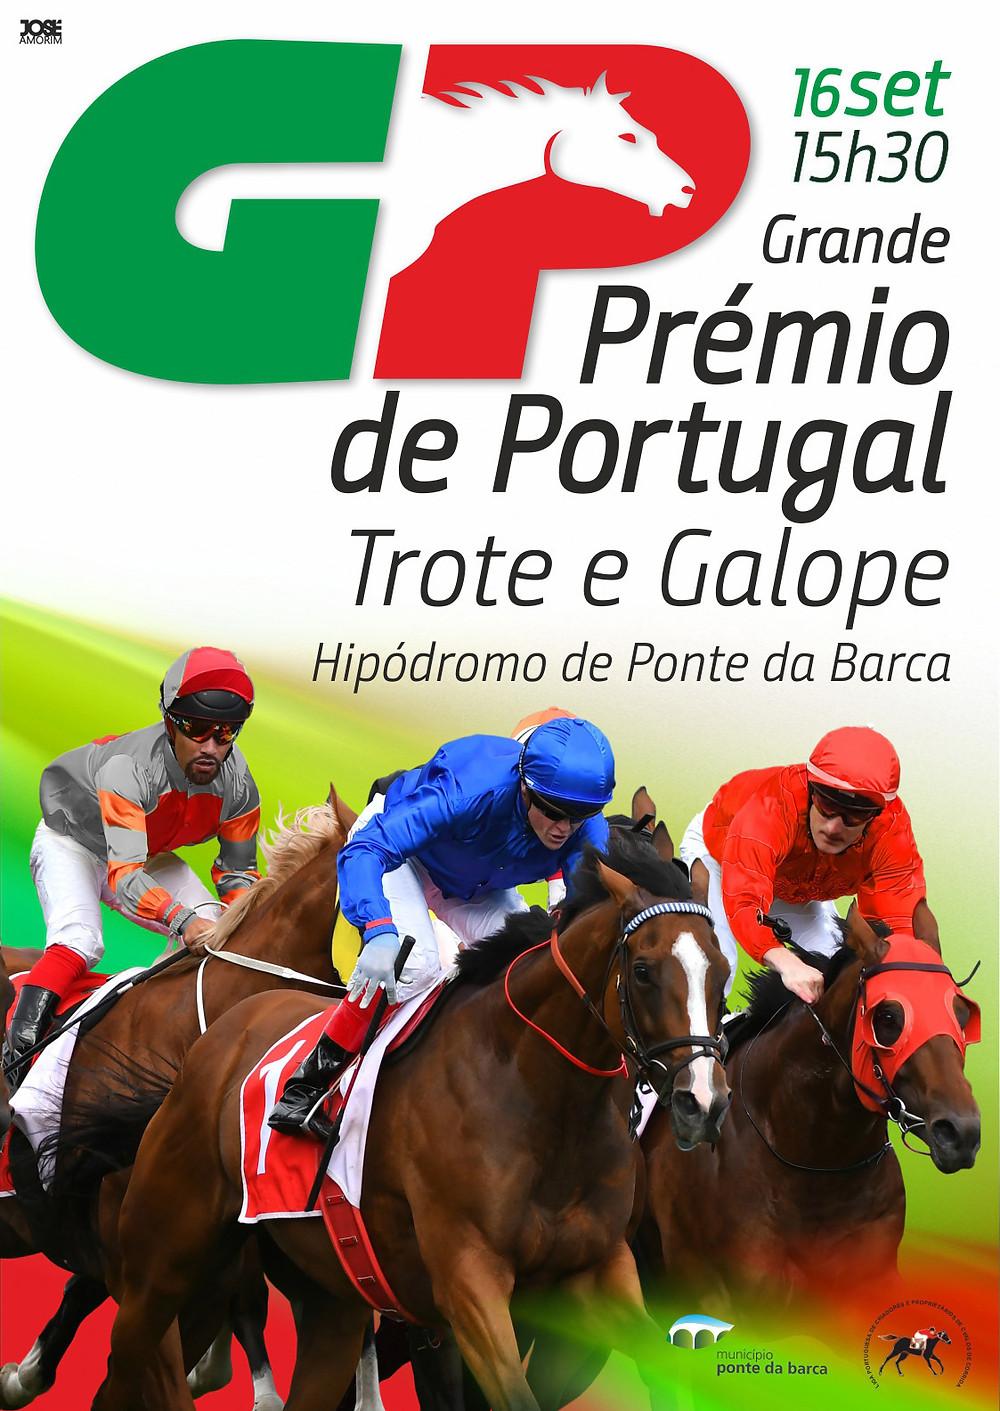 Hipódromo de Ponte da Barca recebe Grande Prémio de Portugal | Peneda Gerês TV